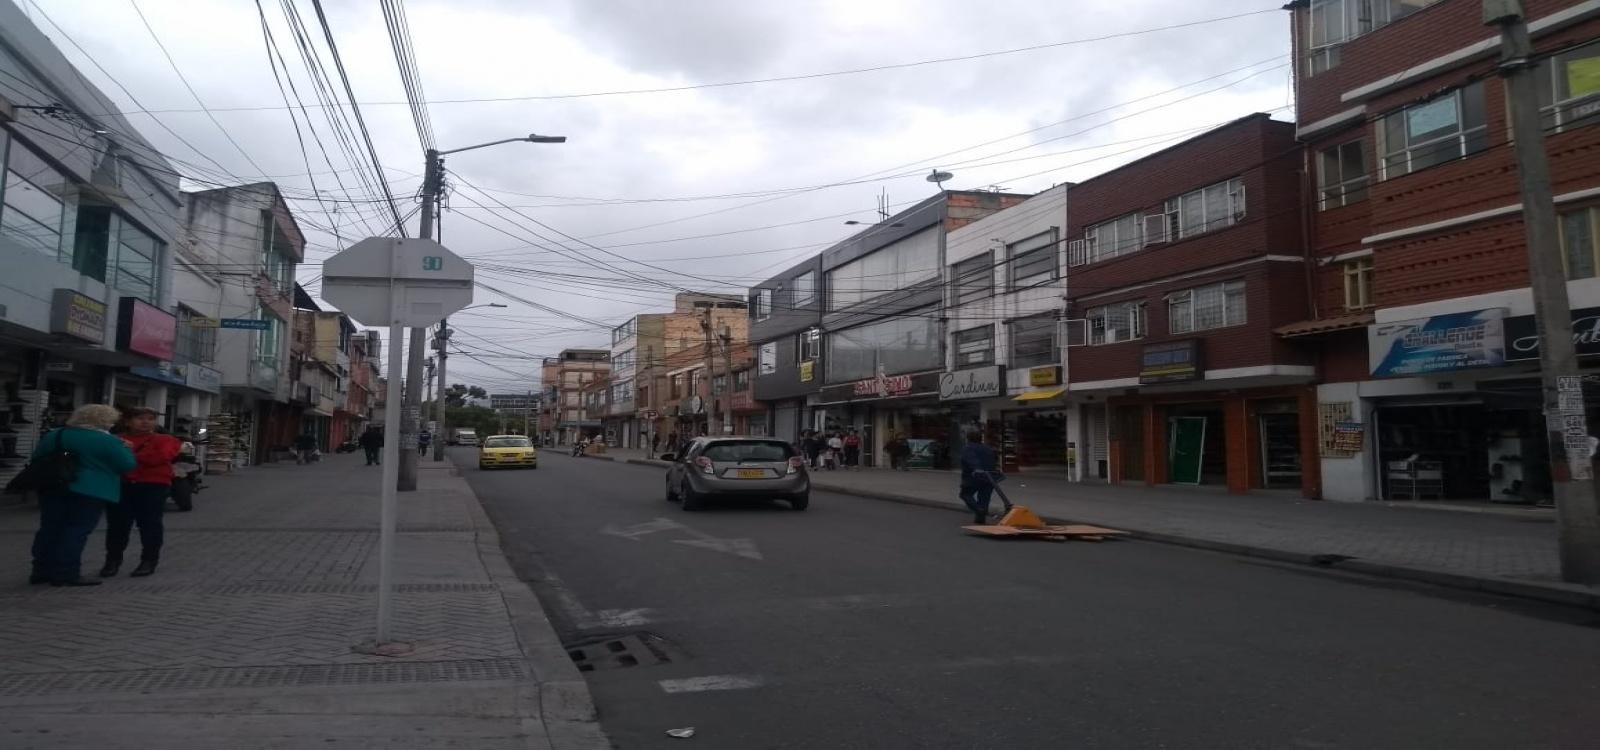 17 75 9 a, Bogotá, Sur, Sociego, ,1 BañoBathrooms,Bodegas,Venta,9 a,2210